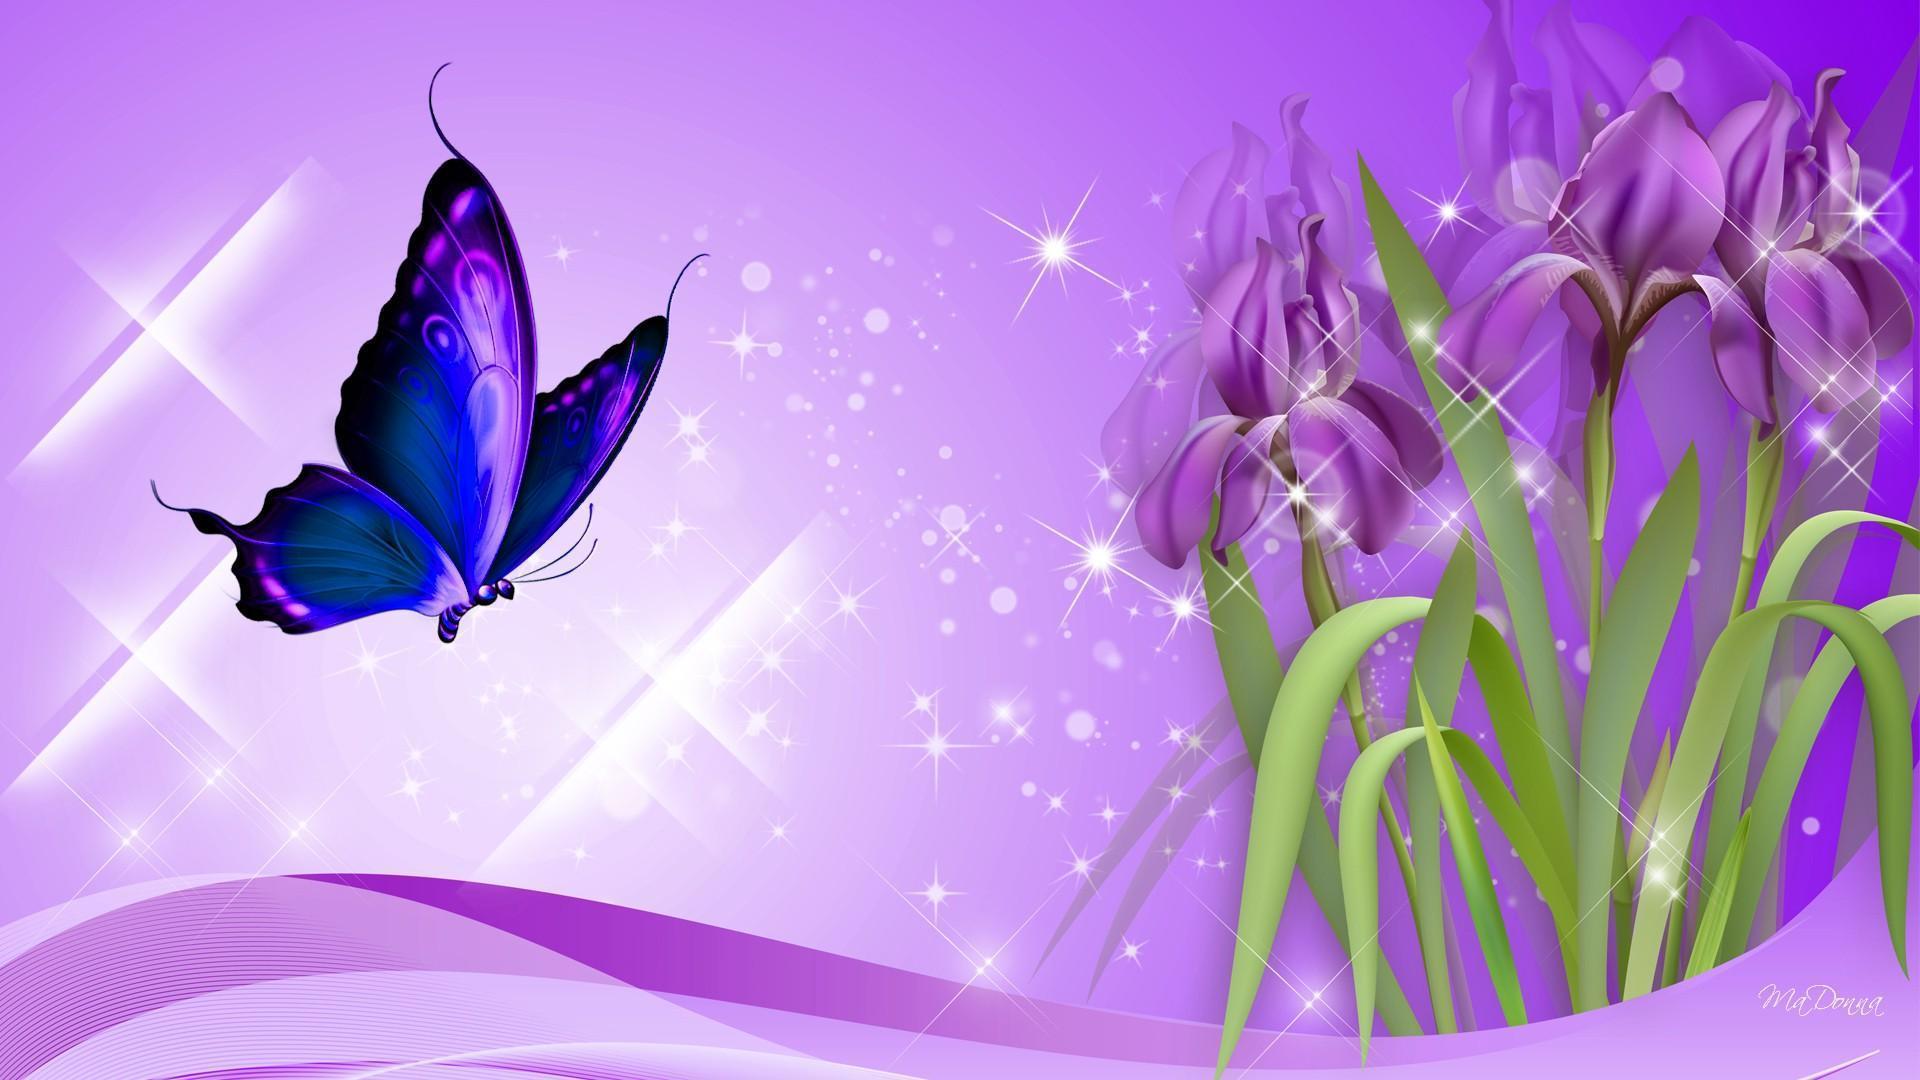 Картинки, фон фиолетовый для открытки с днем рождения